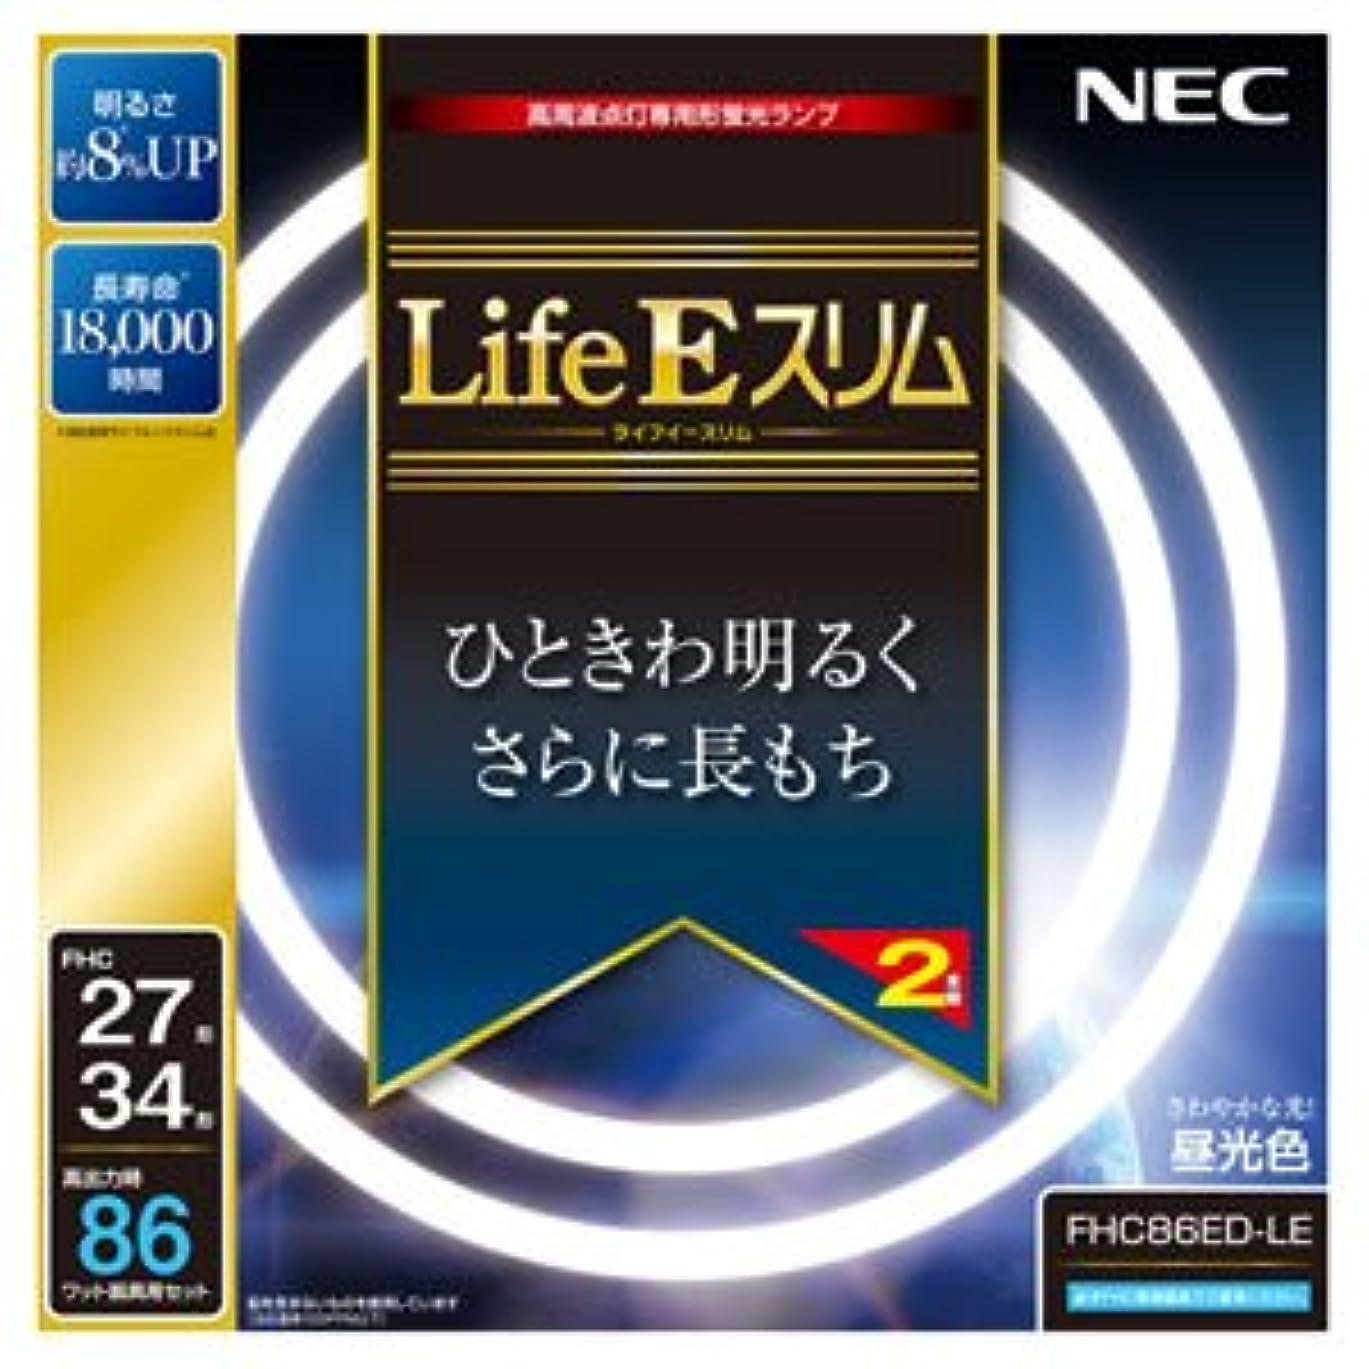 非難する愛テレビNEC 丸形スリム蛍光灯(FHC) LifeEスリム 86W 27形+34形パック品 昼光色 FHC86ED-LE